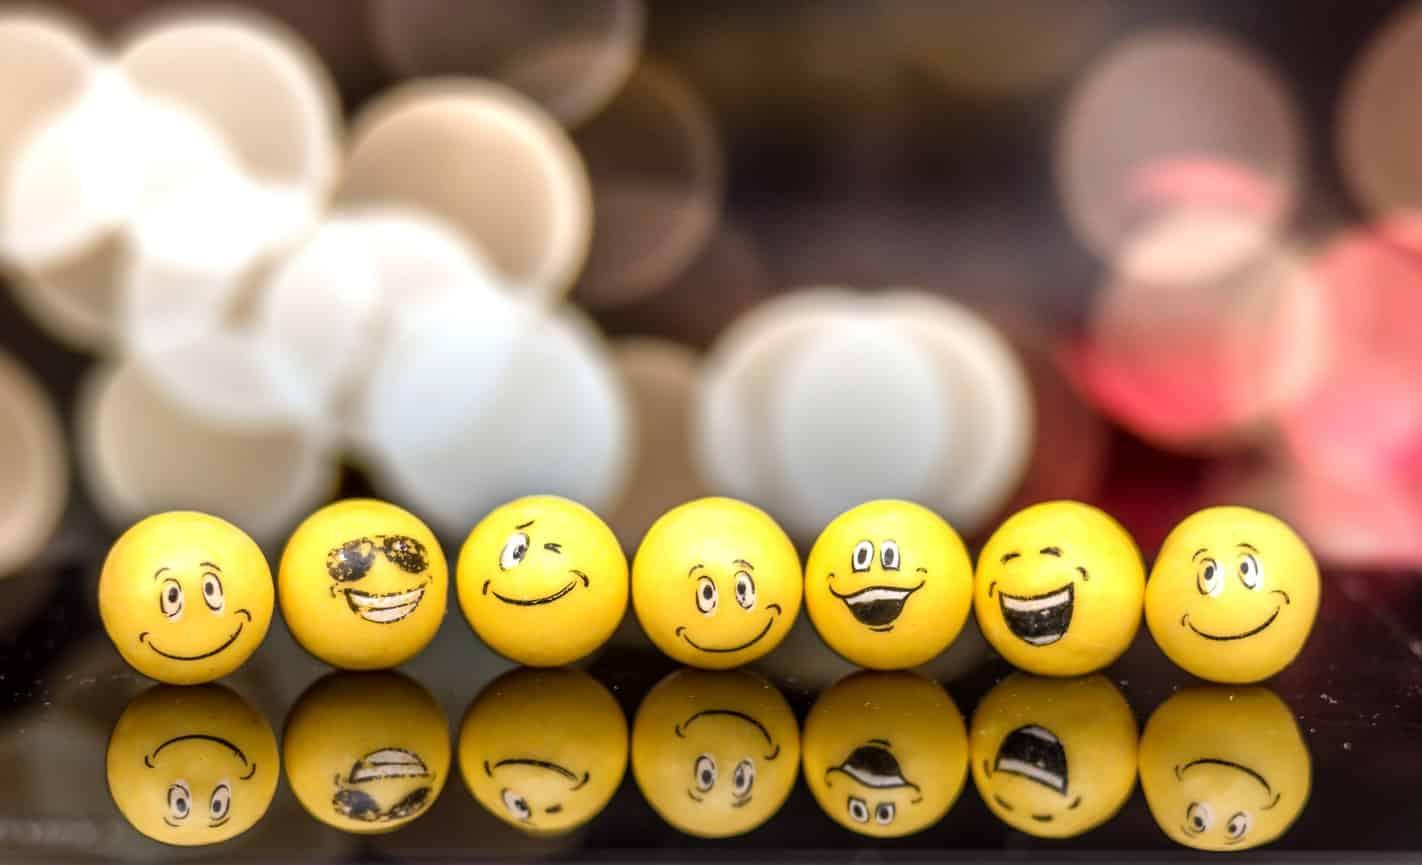 Conoscere Le Espressioni Del Volto Migliora Le Competenze Emotive